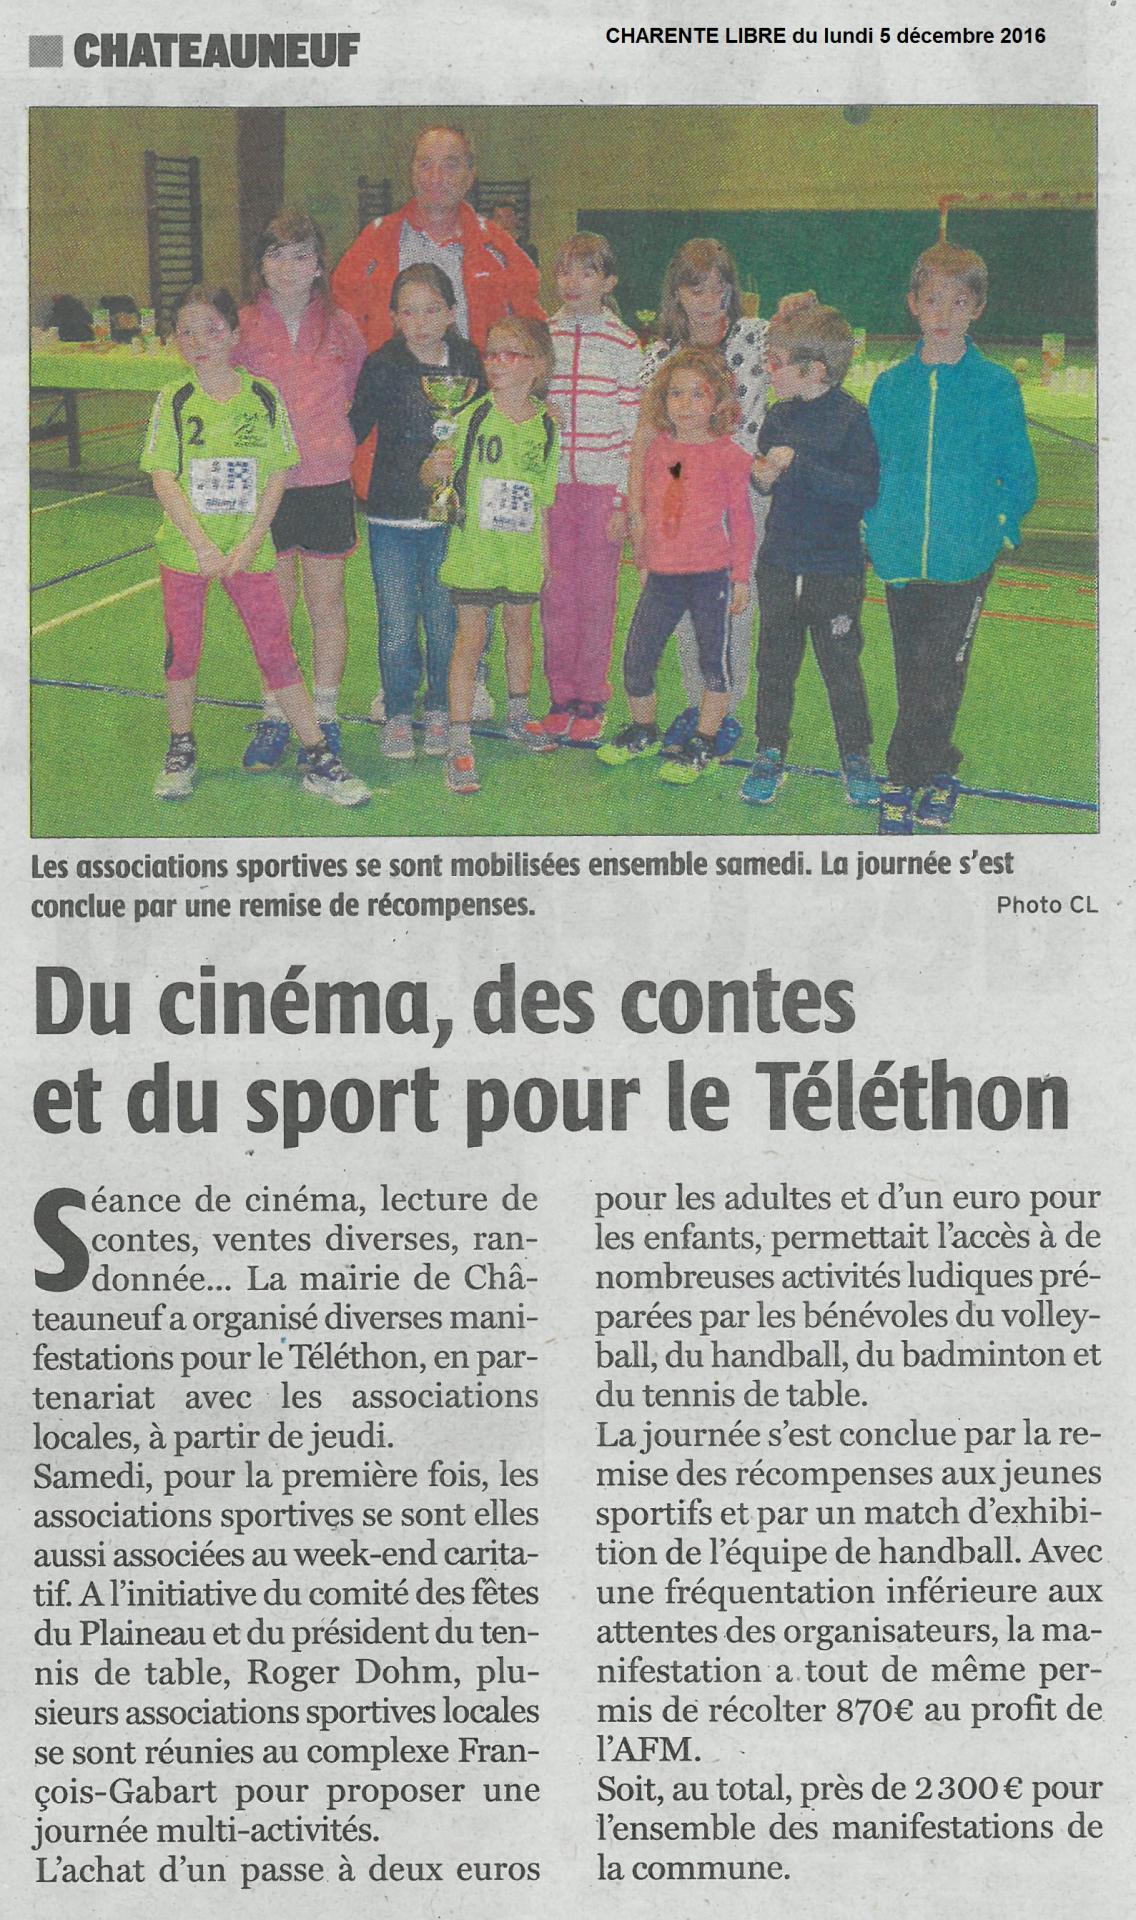 Charente libre du 5 decembre 2016